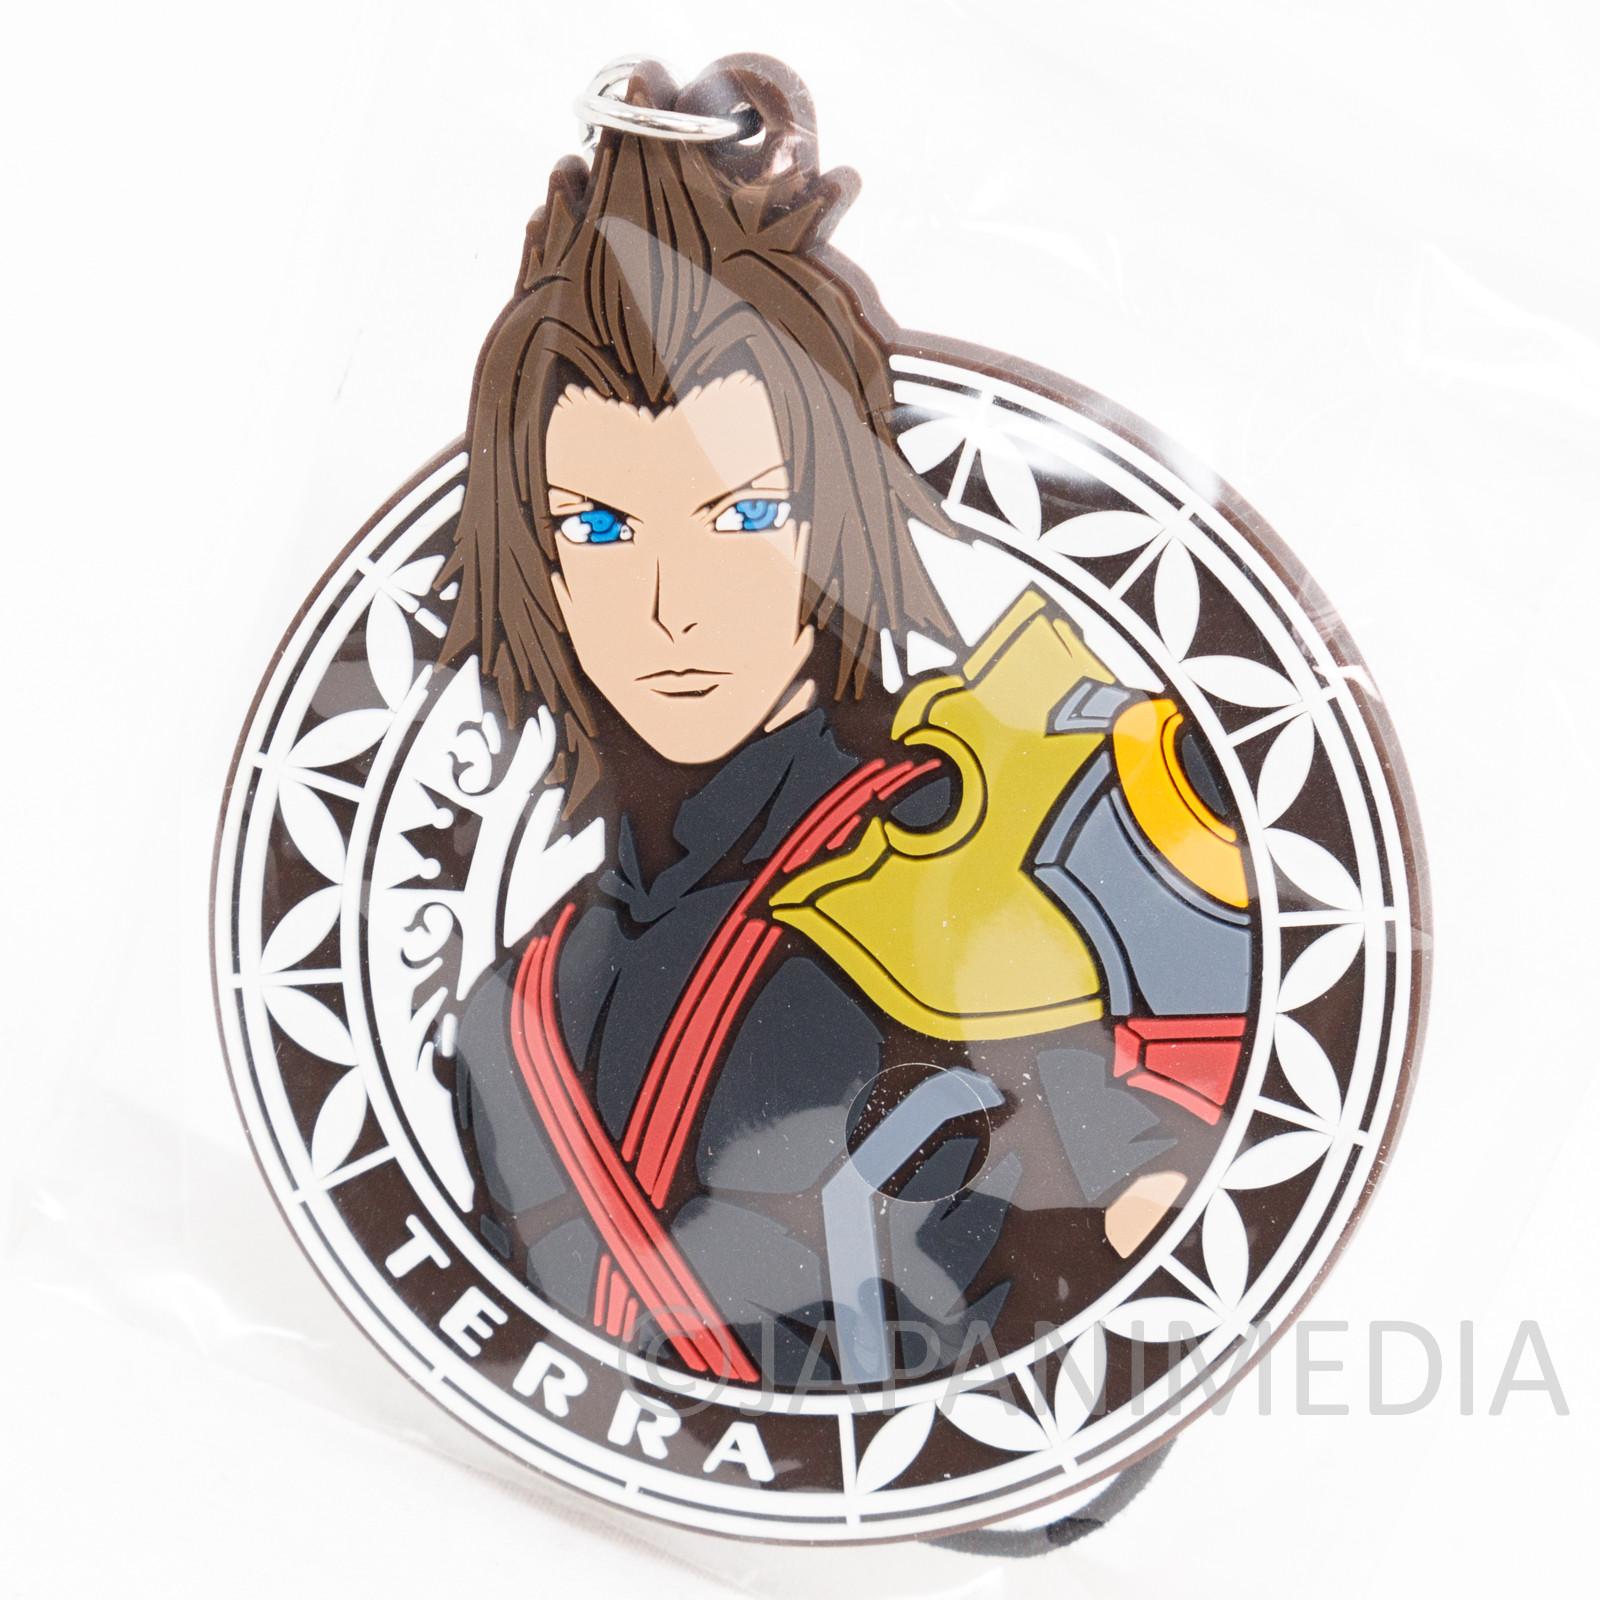 Kingdom Hearts TERRA Mascot Rubber Strap Square Enix JAPAN